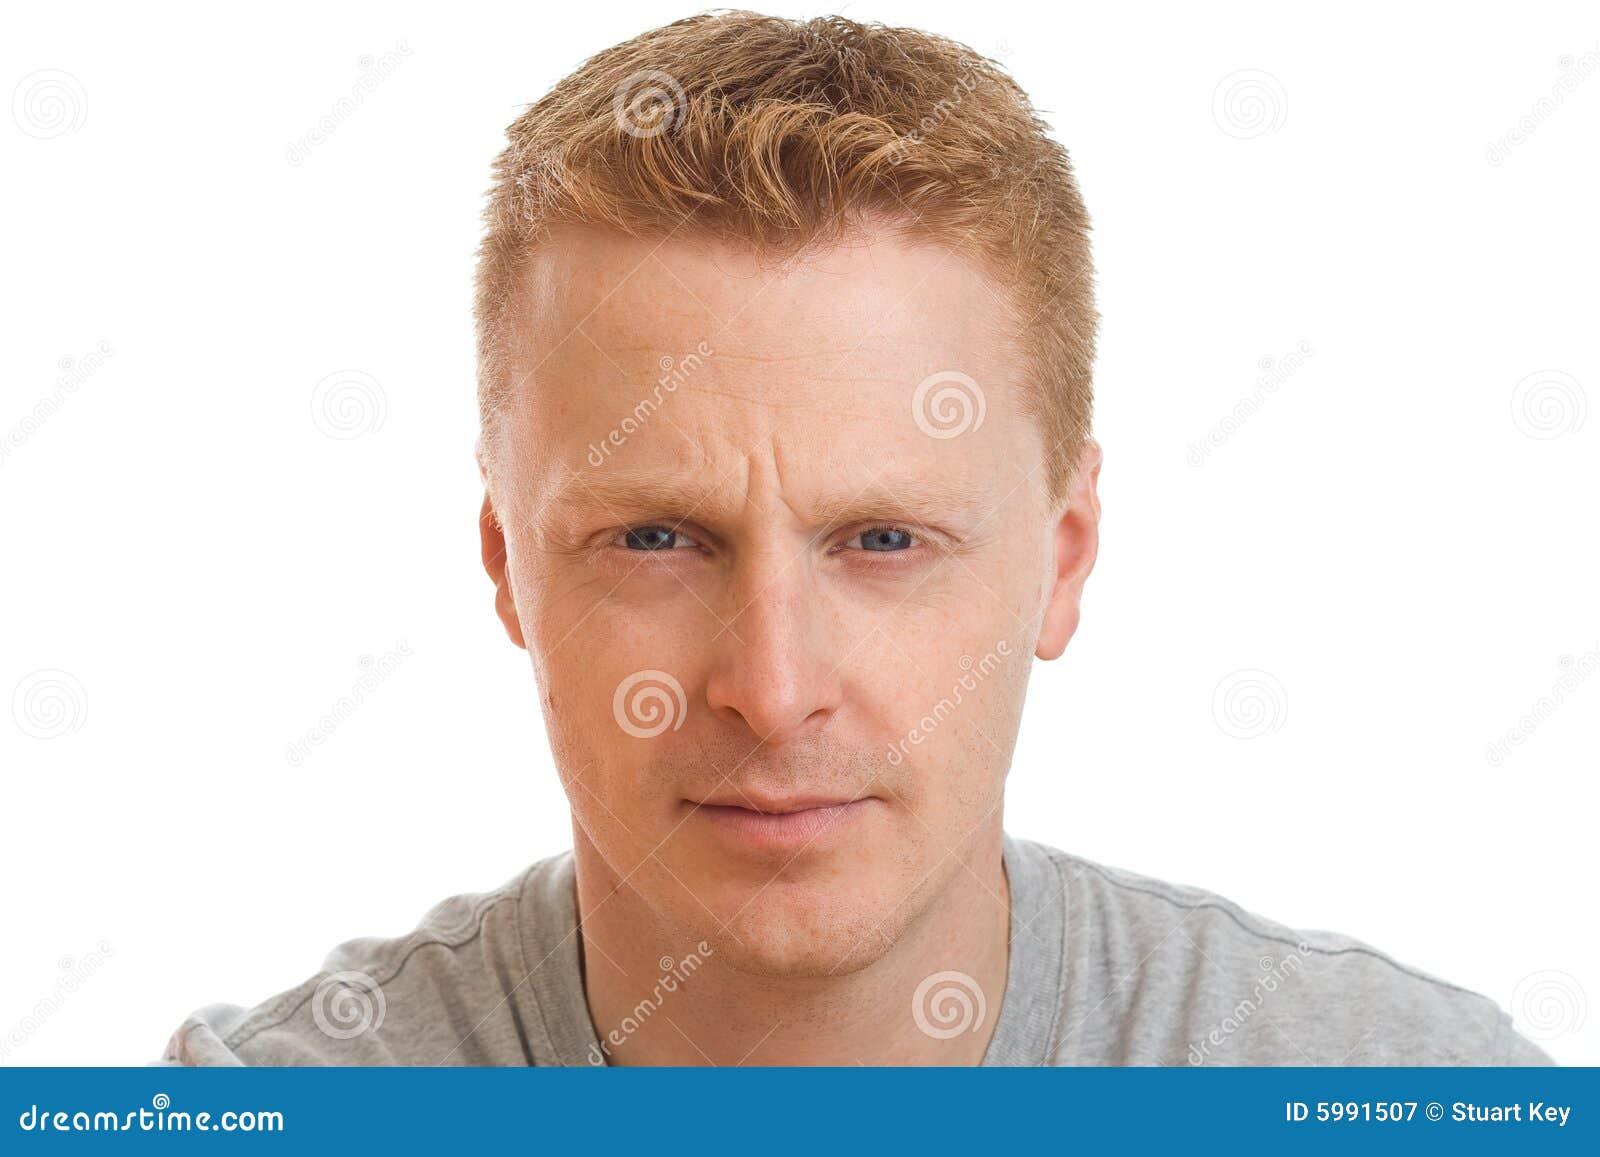 Confident man portrait